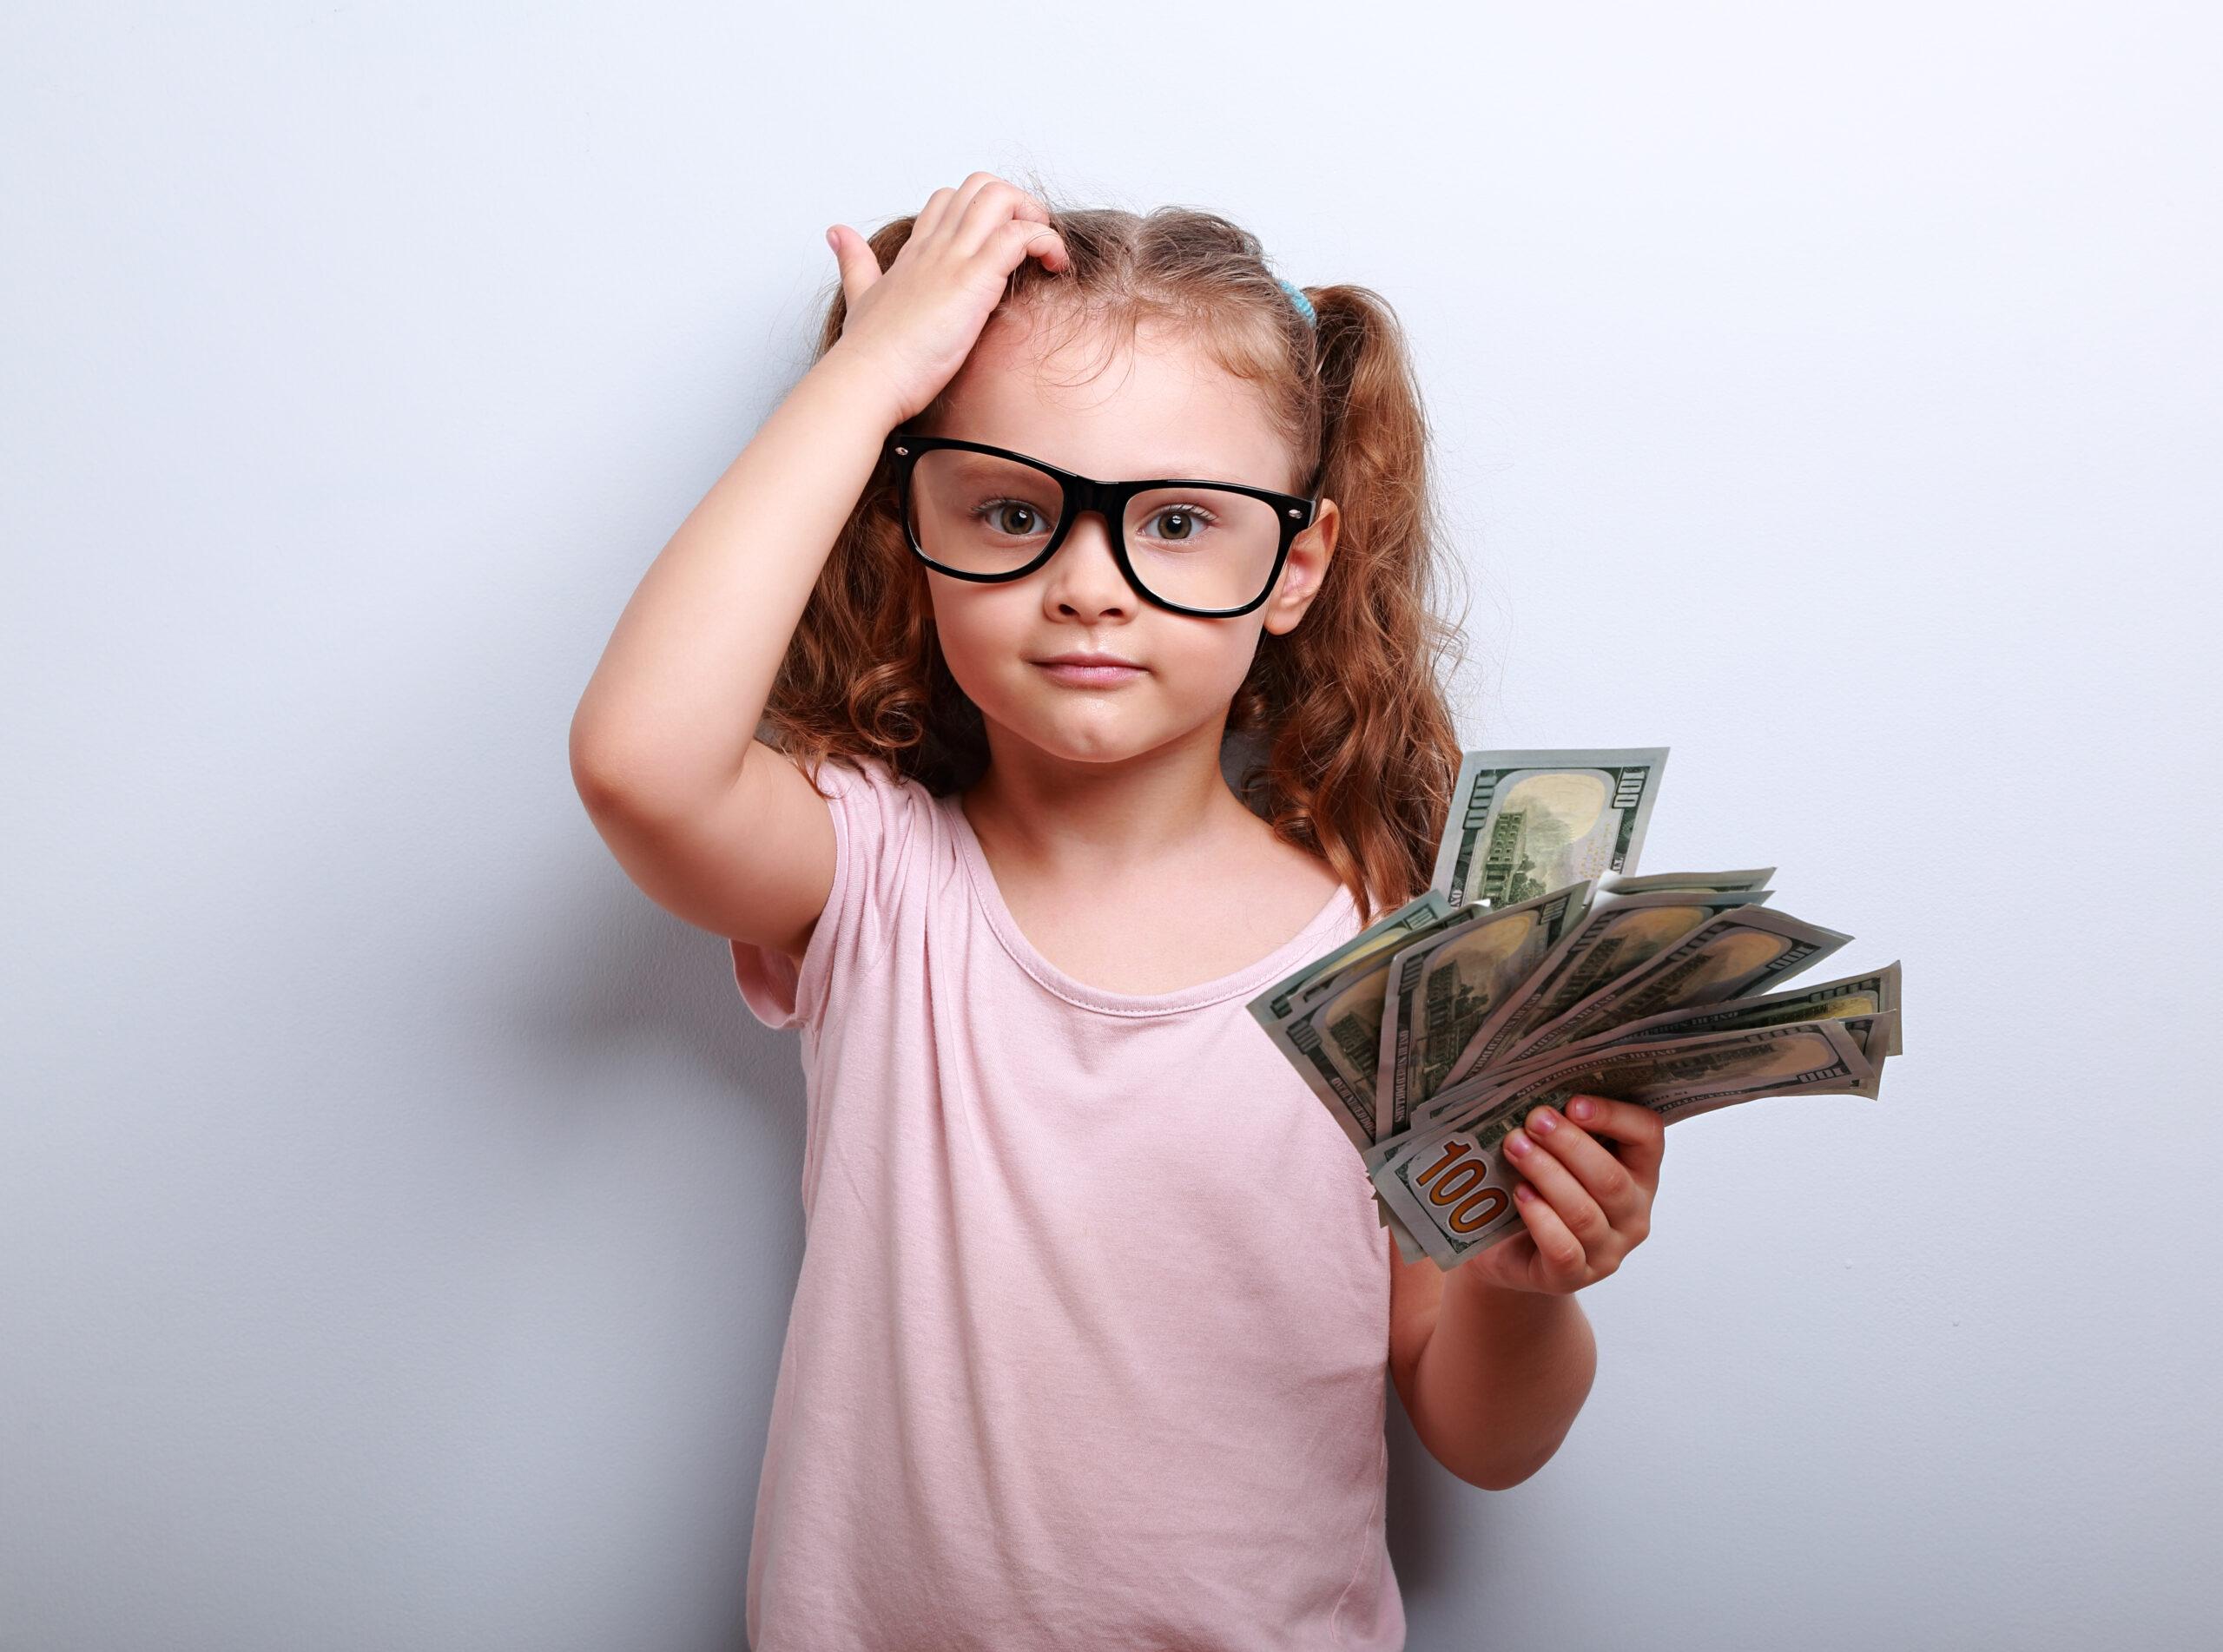 financial advisor, money, debt, what does a financial advisor do?